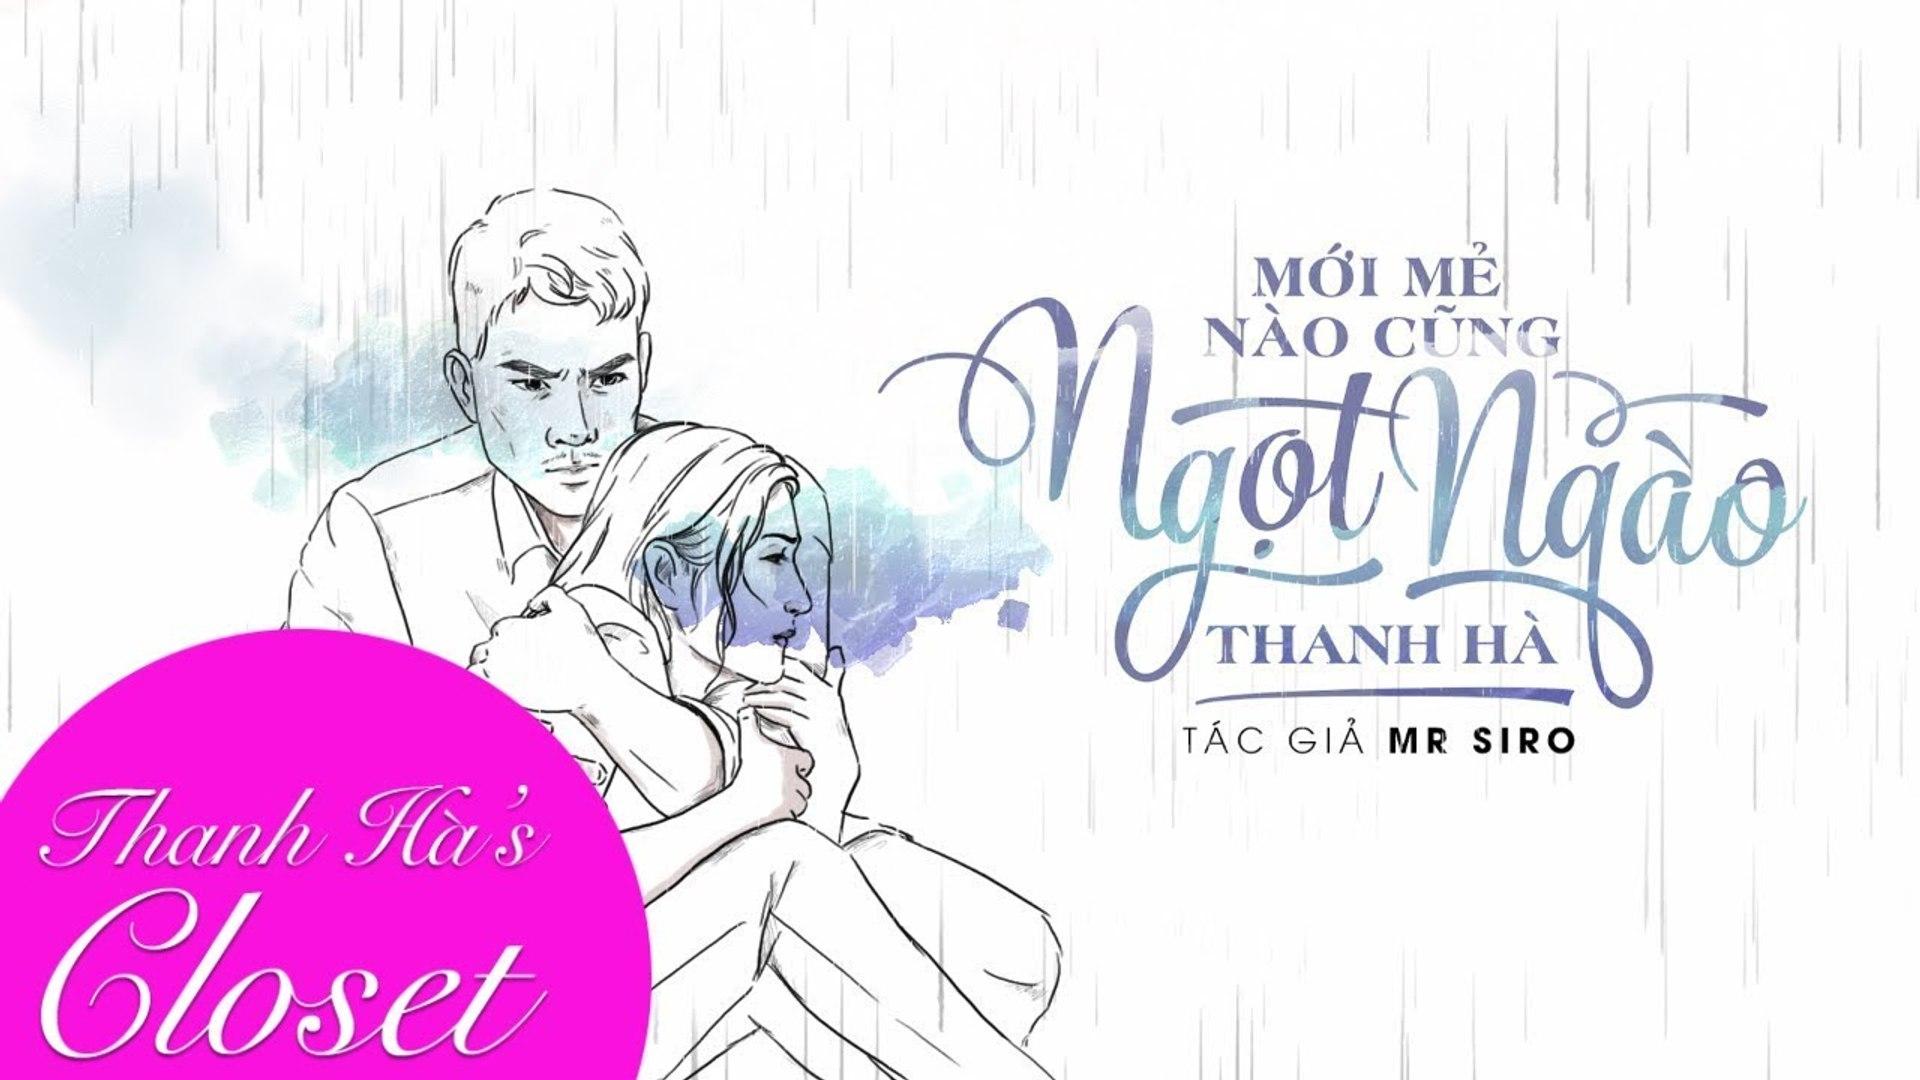 Mới Mẻ Nào Cũng Ngọt Ngào (st Mr Siro) - Thanh Hà - Lyrics Video